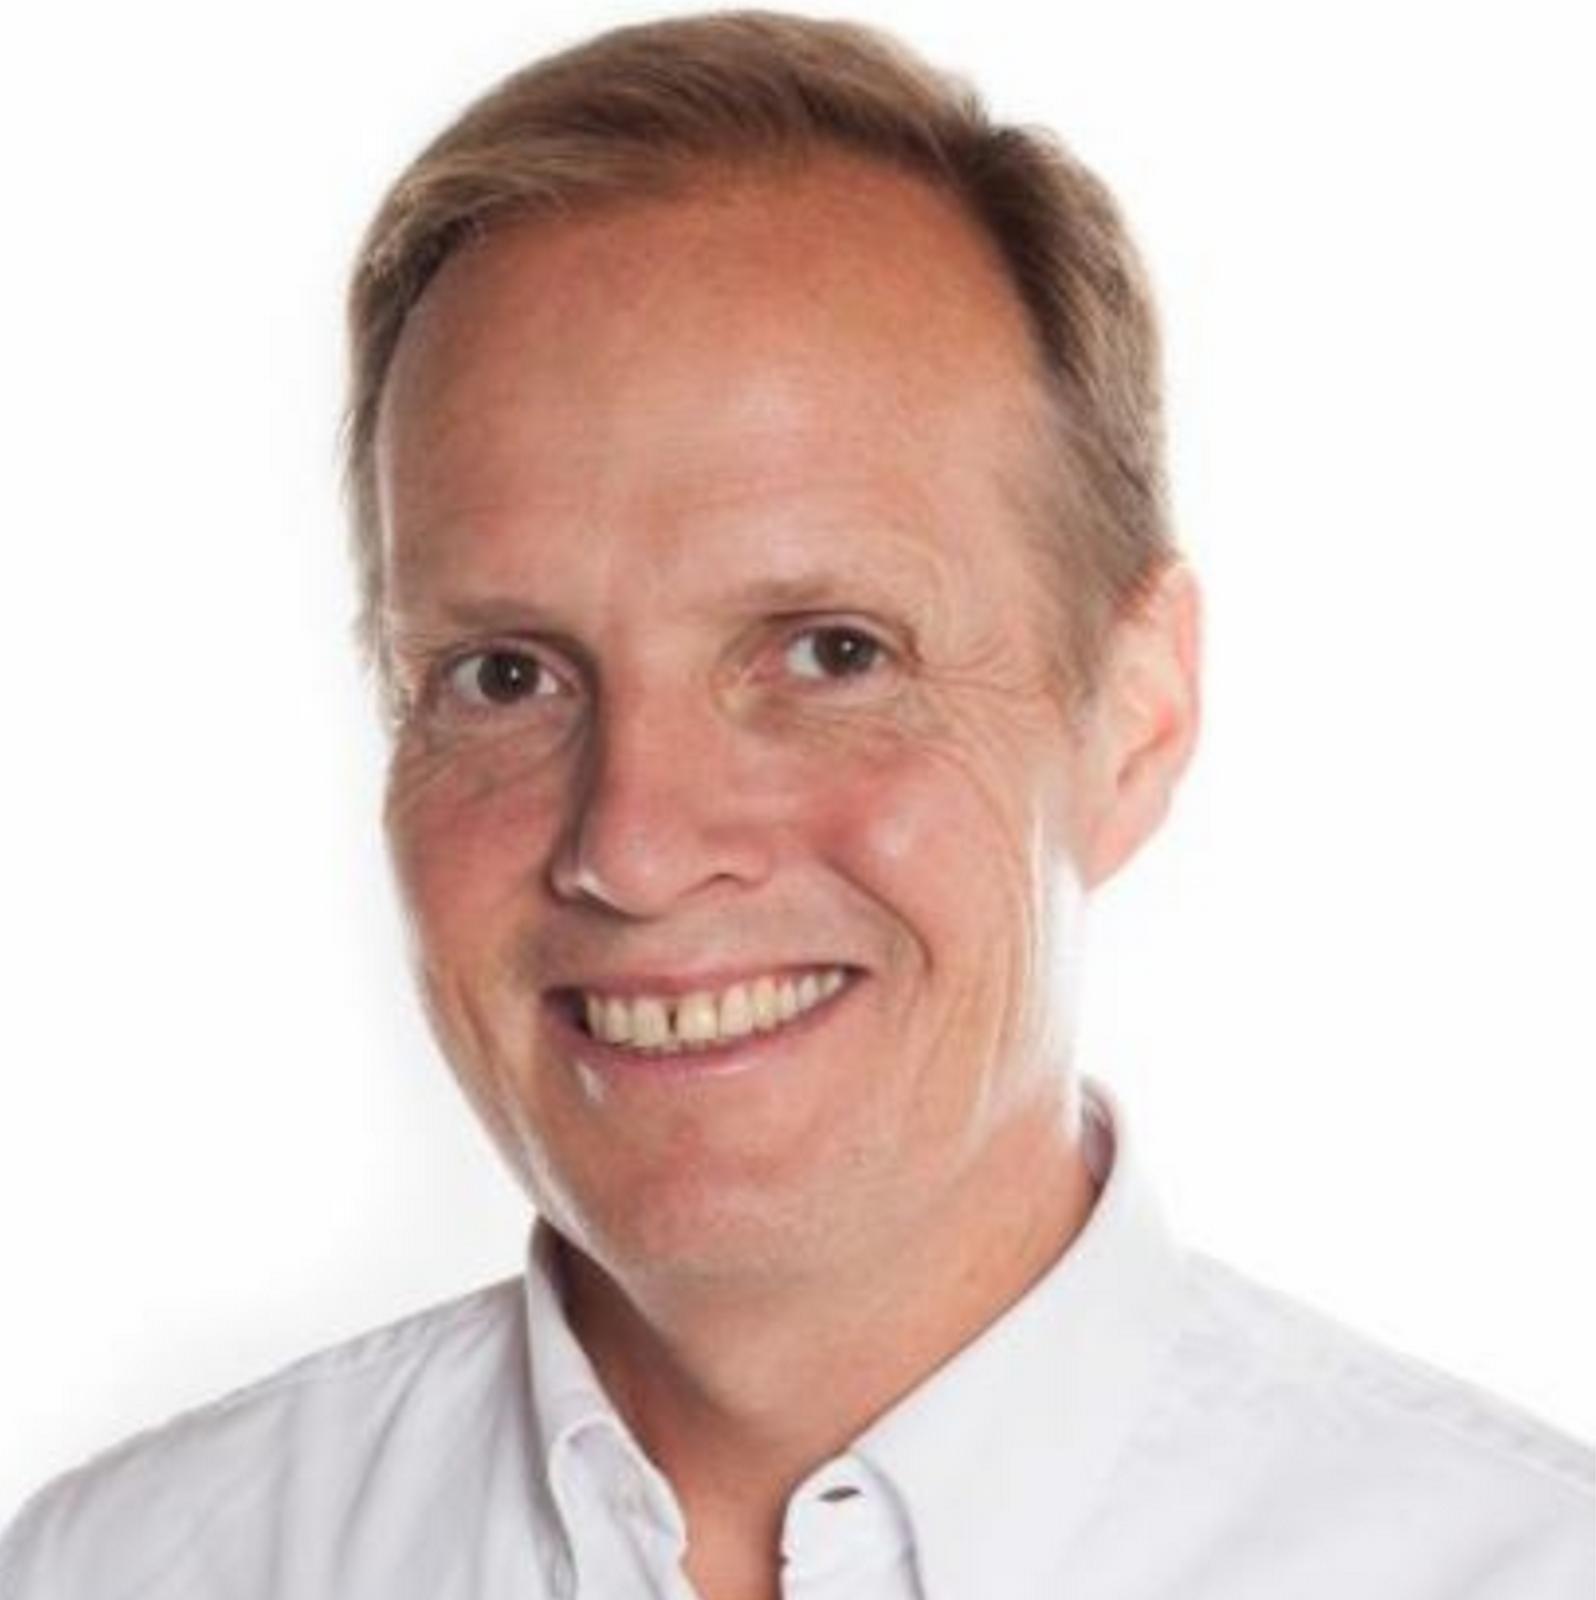 Espen Grimmert iProspect Bergen